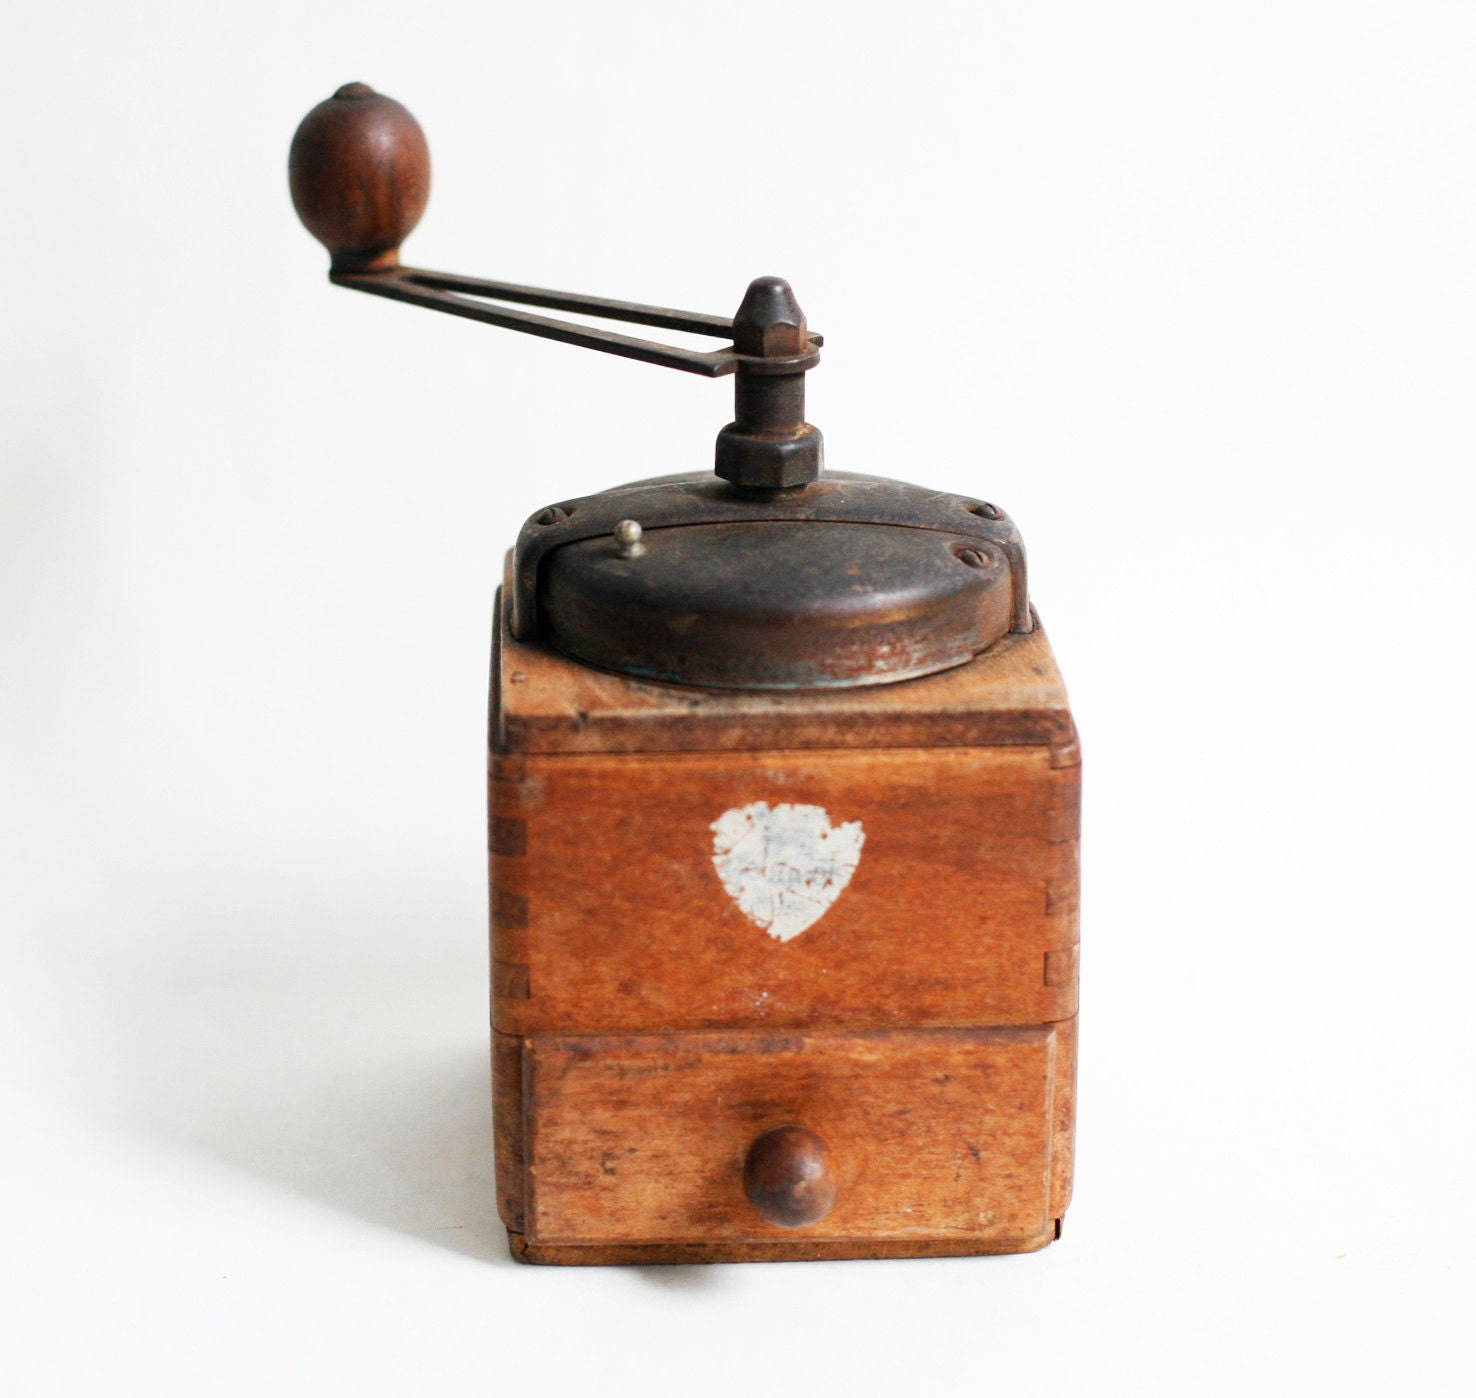 Old Coffee Grinders ~ Peugeot coffee grinder vintage french mill